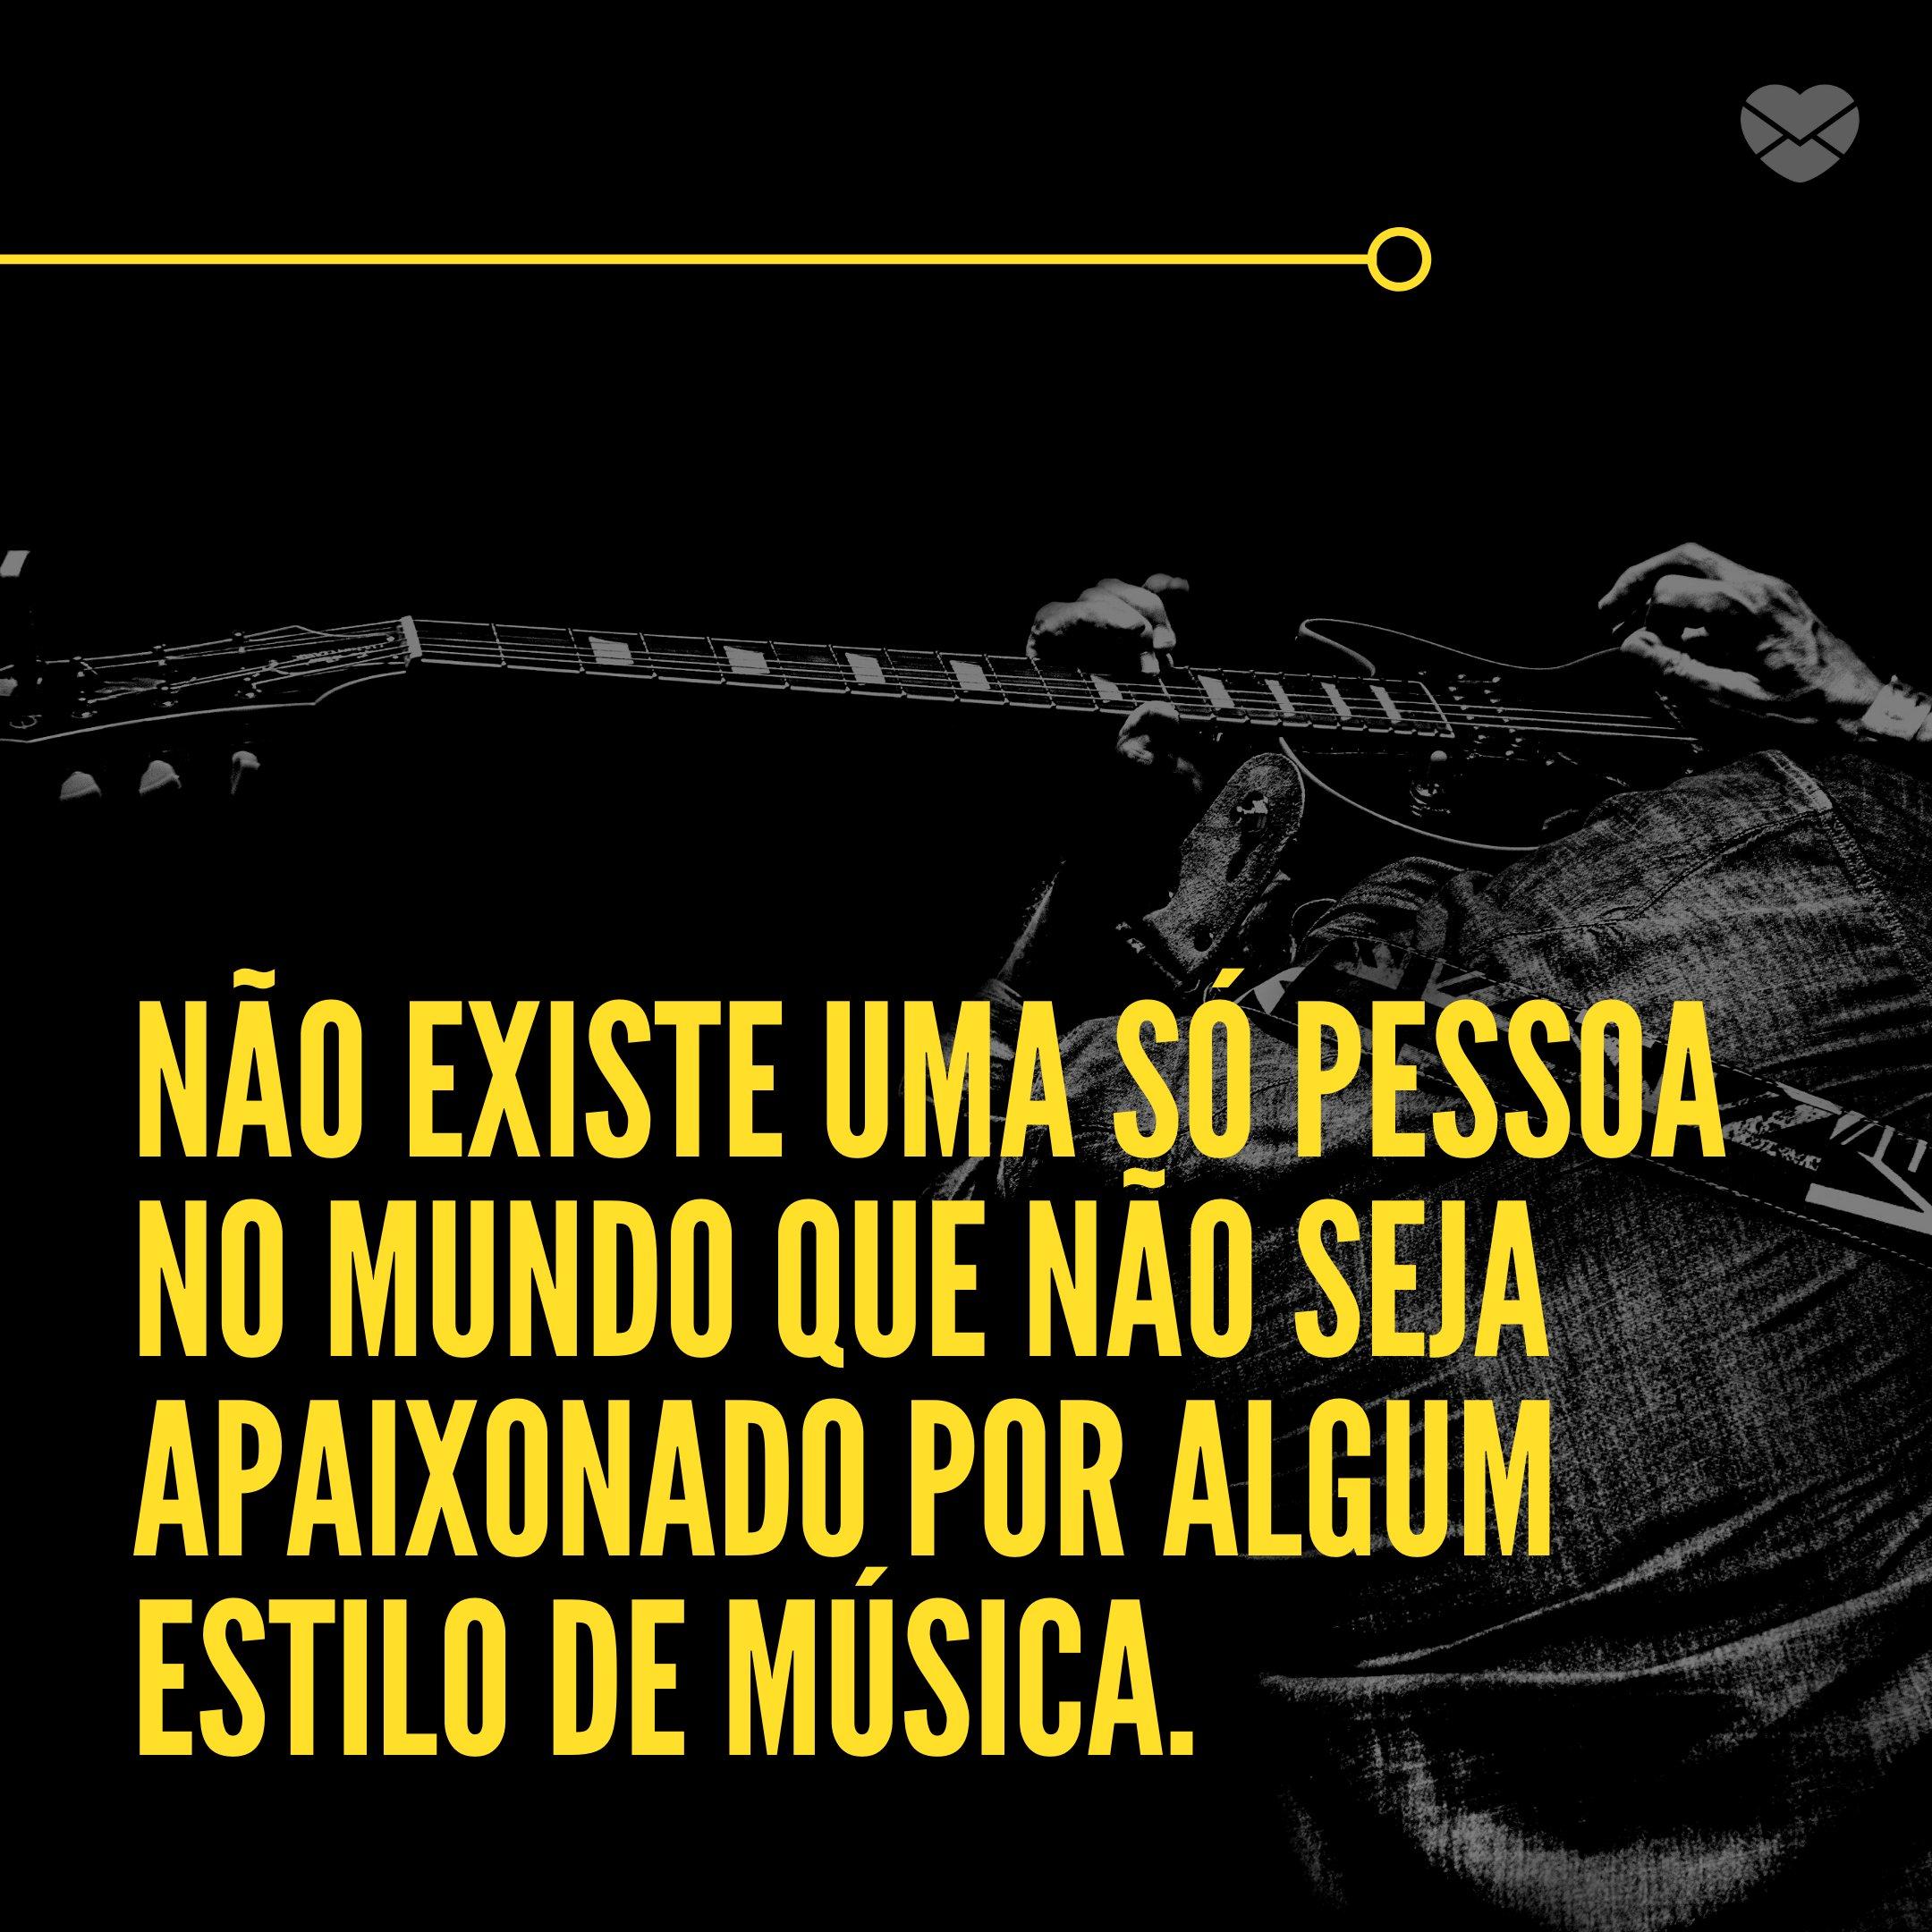 'Não existe uma só pessoa no mundo que não seja apaixonado por algum estilo de música.' - A música me acalma